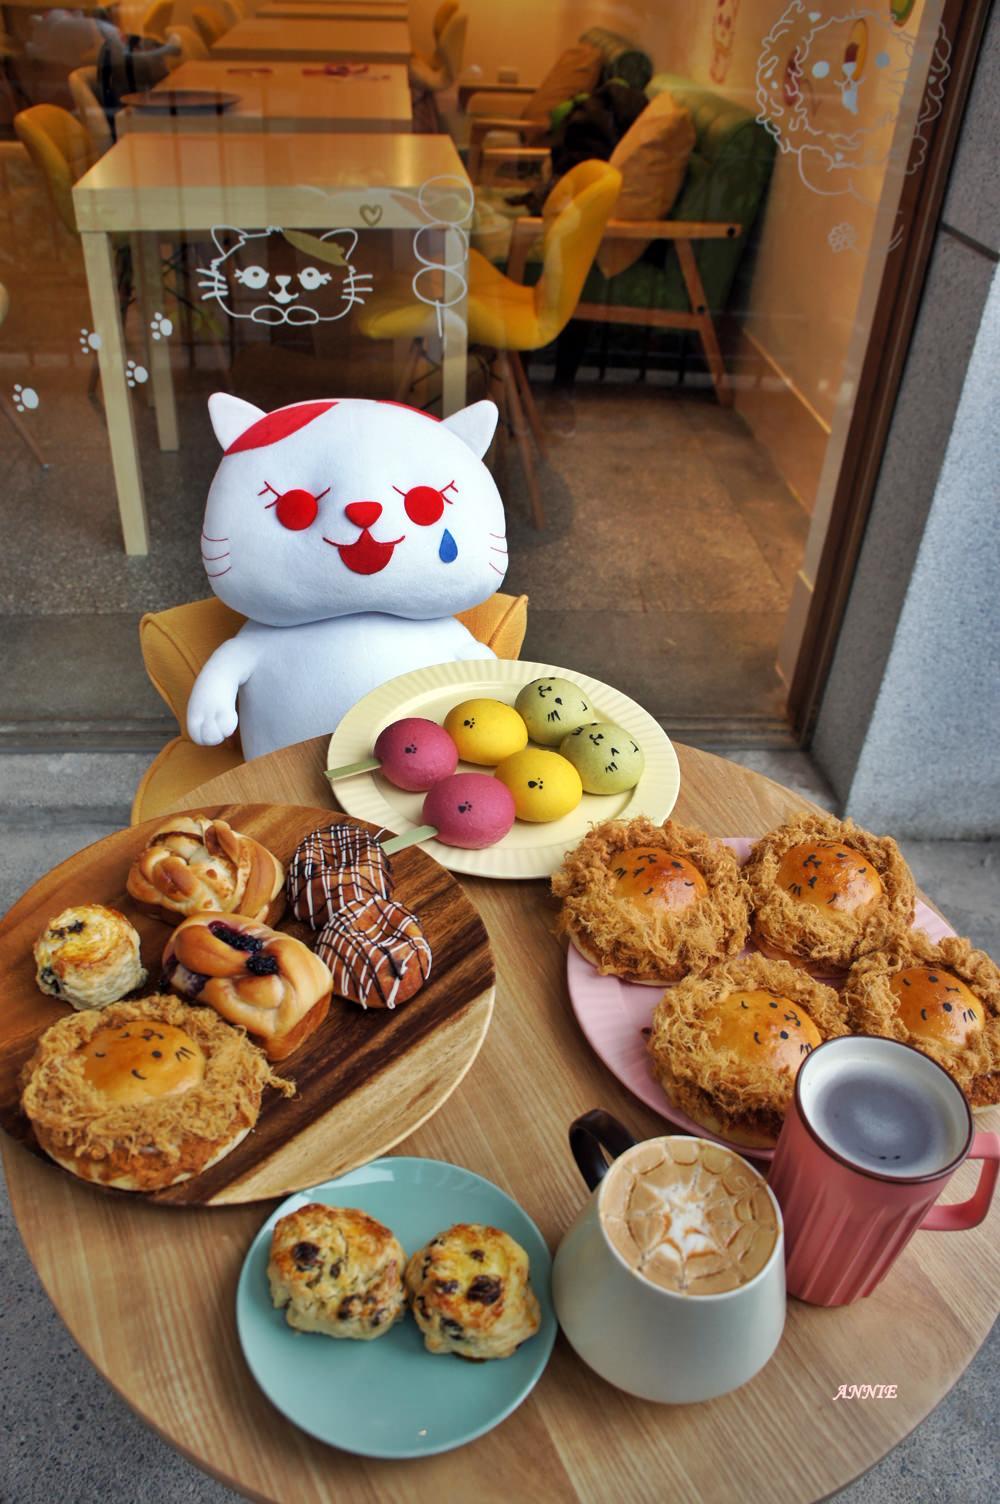 20180101205403 75 - 東區微風廣場後的秘境│ 喜荒、愛、不仍,日式古蹟老宅裡的烘焙坊,鬆鬆獅太可愛了